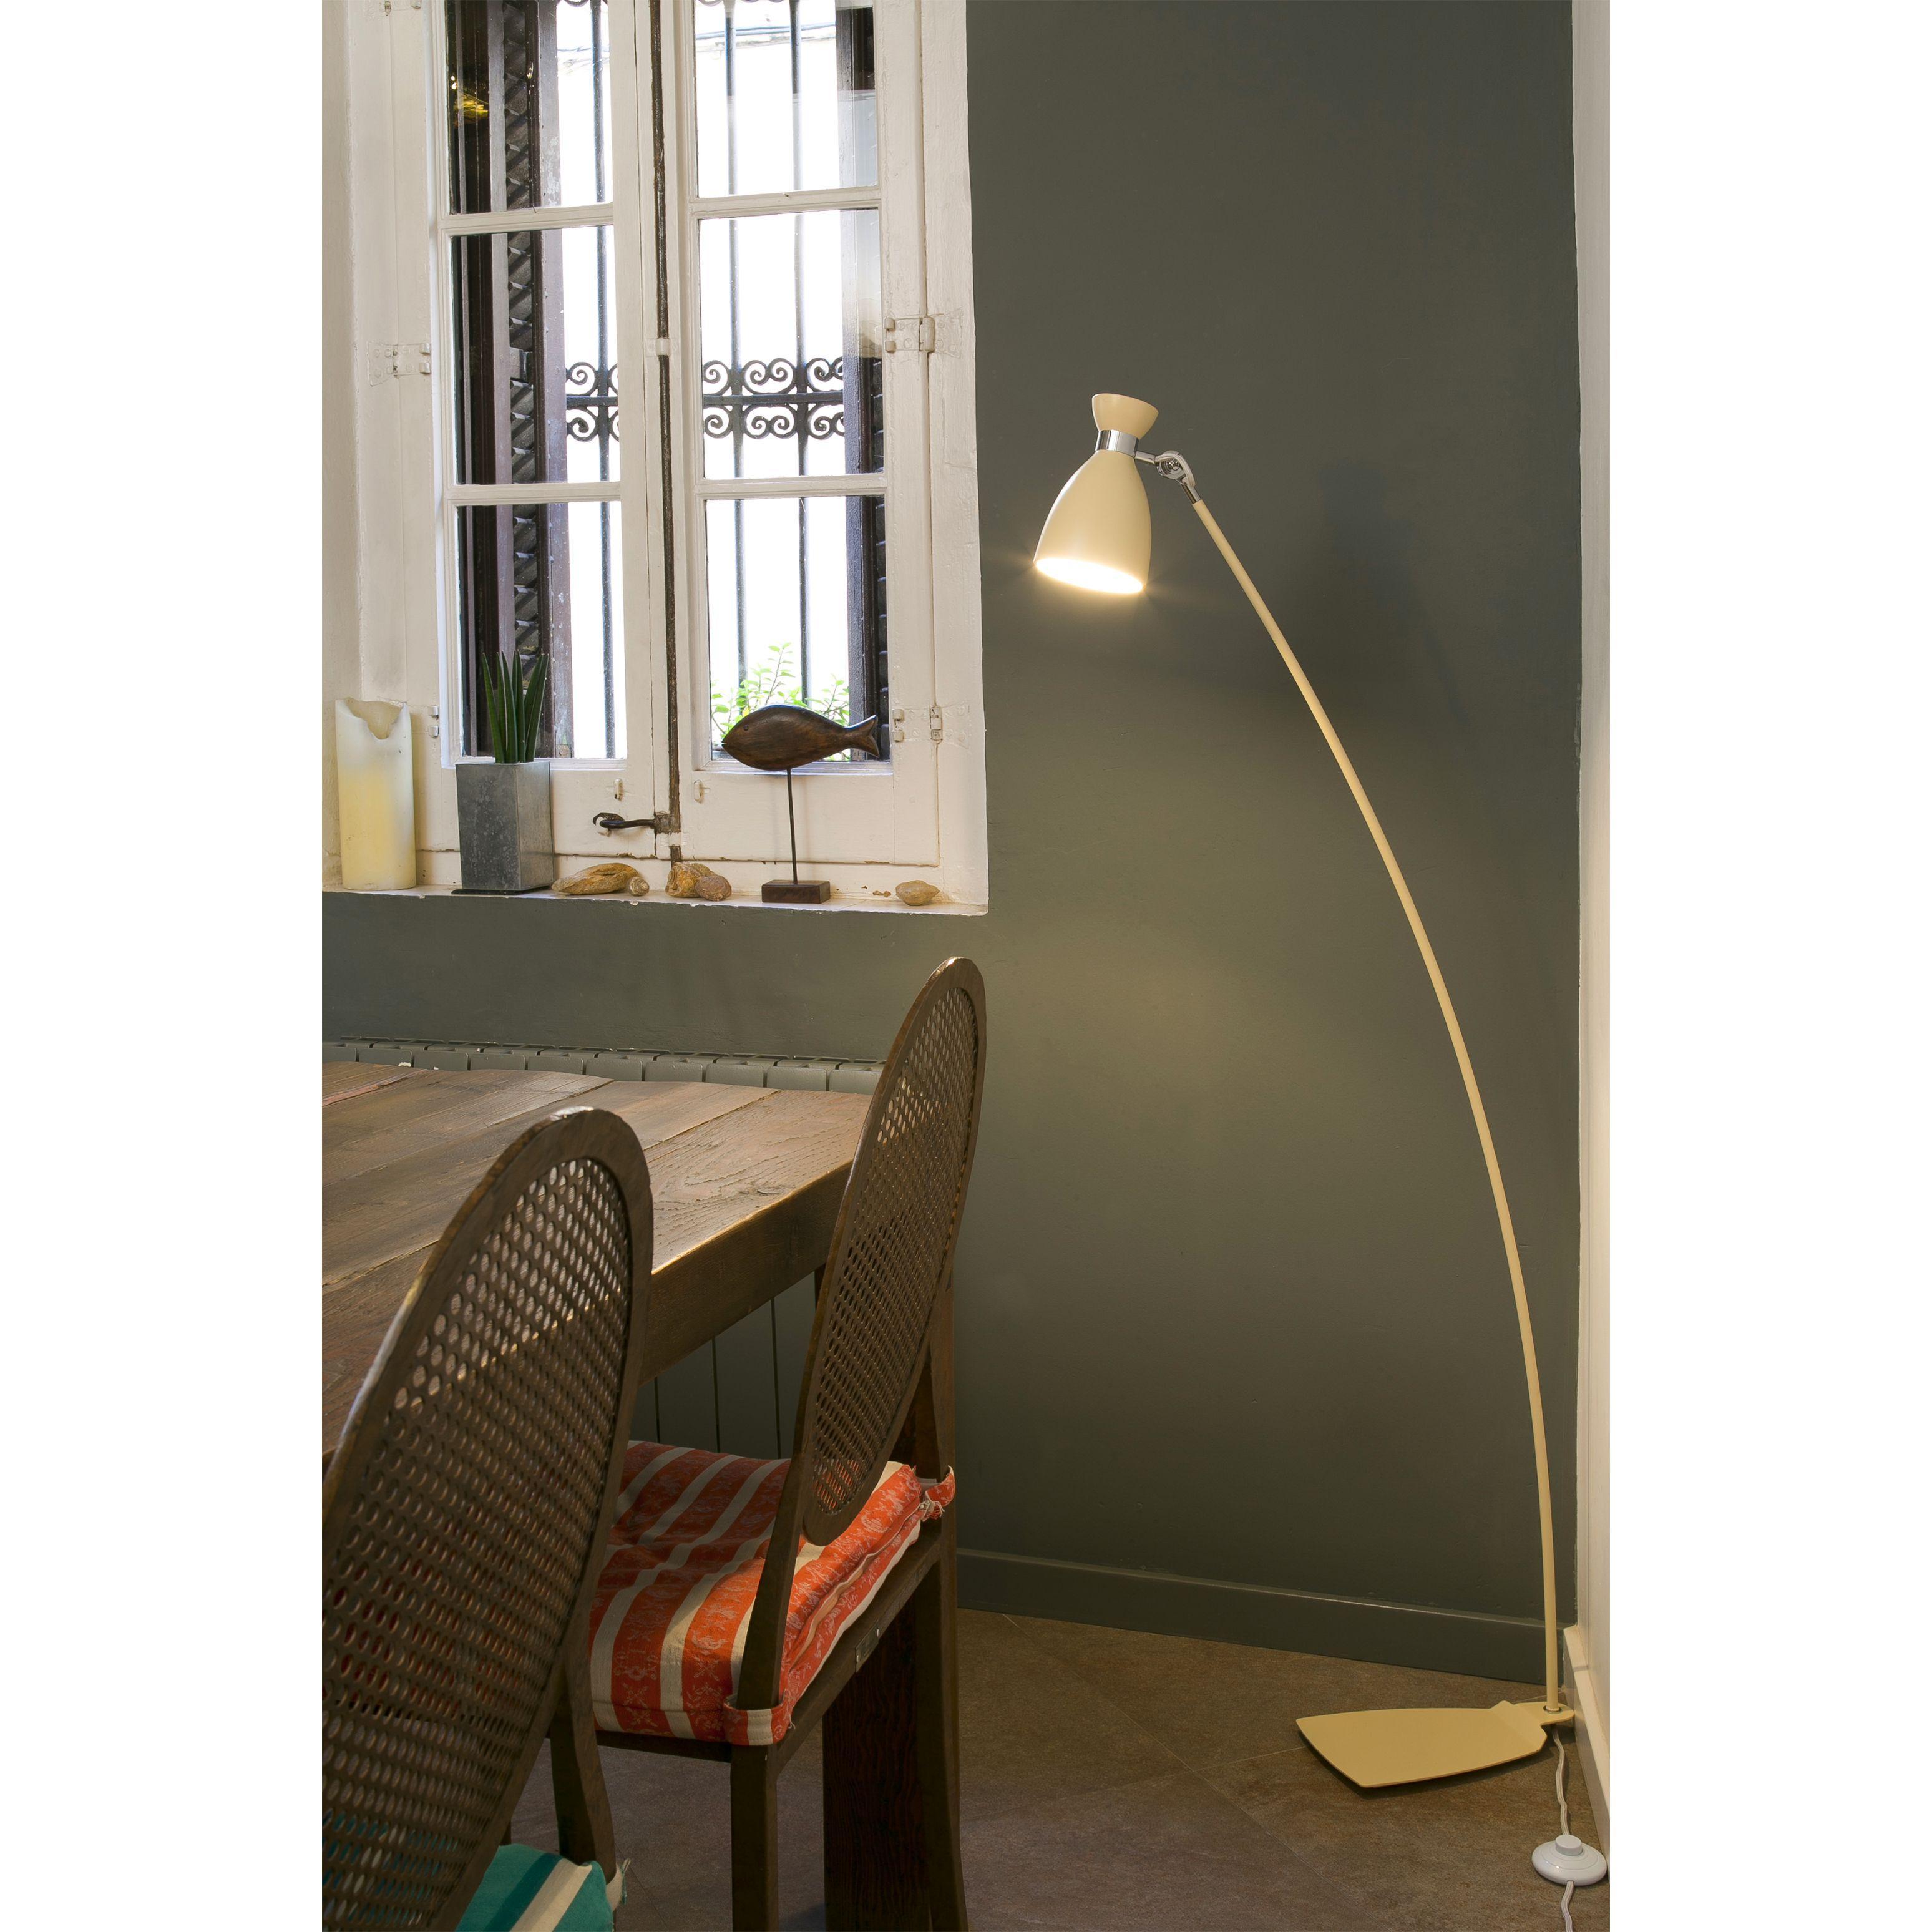 Lampadaire design int rieur retro faro beige - Lampadaire interieur design ...